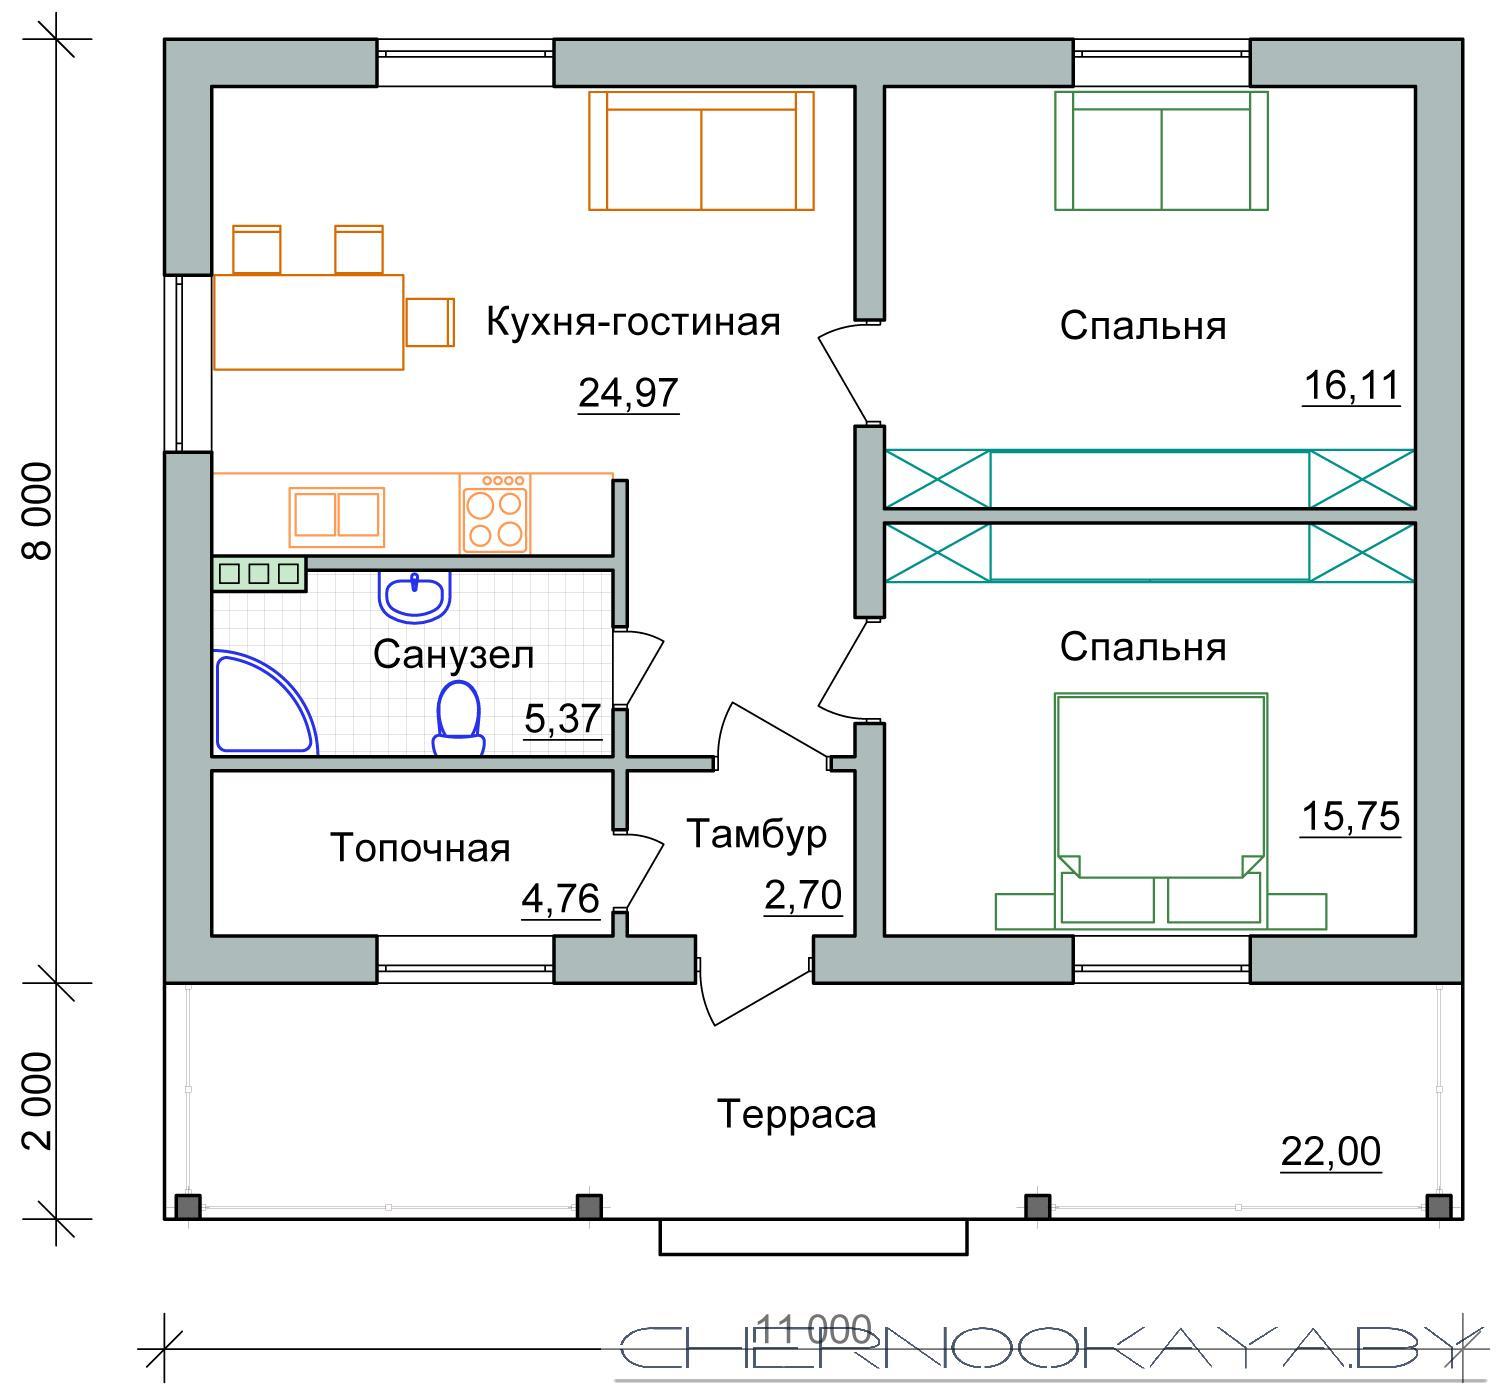 Проект дома 1550-2 одноэтажный жилой дом план